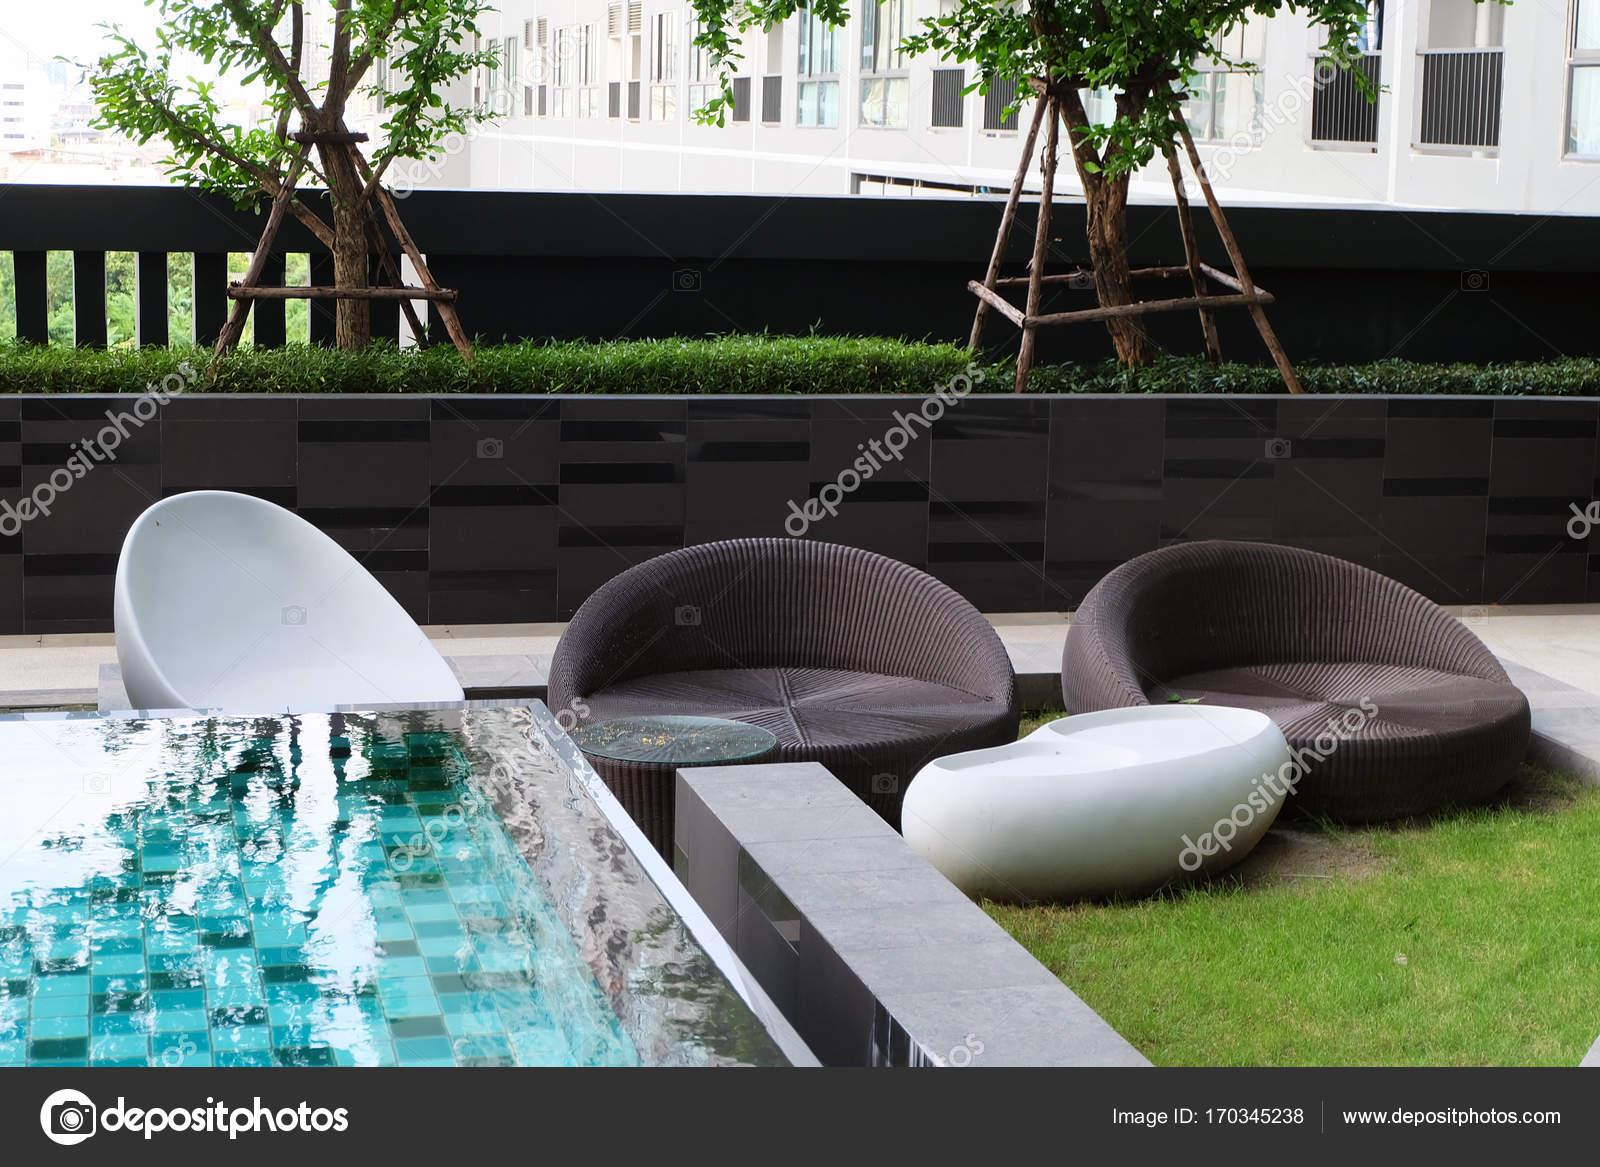 Sedia da giardino e tavolo con piscina all 39 aperto per for Layout di patio all aperto